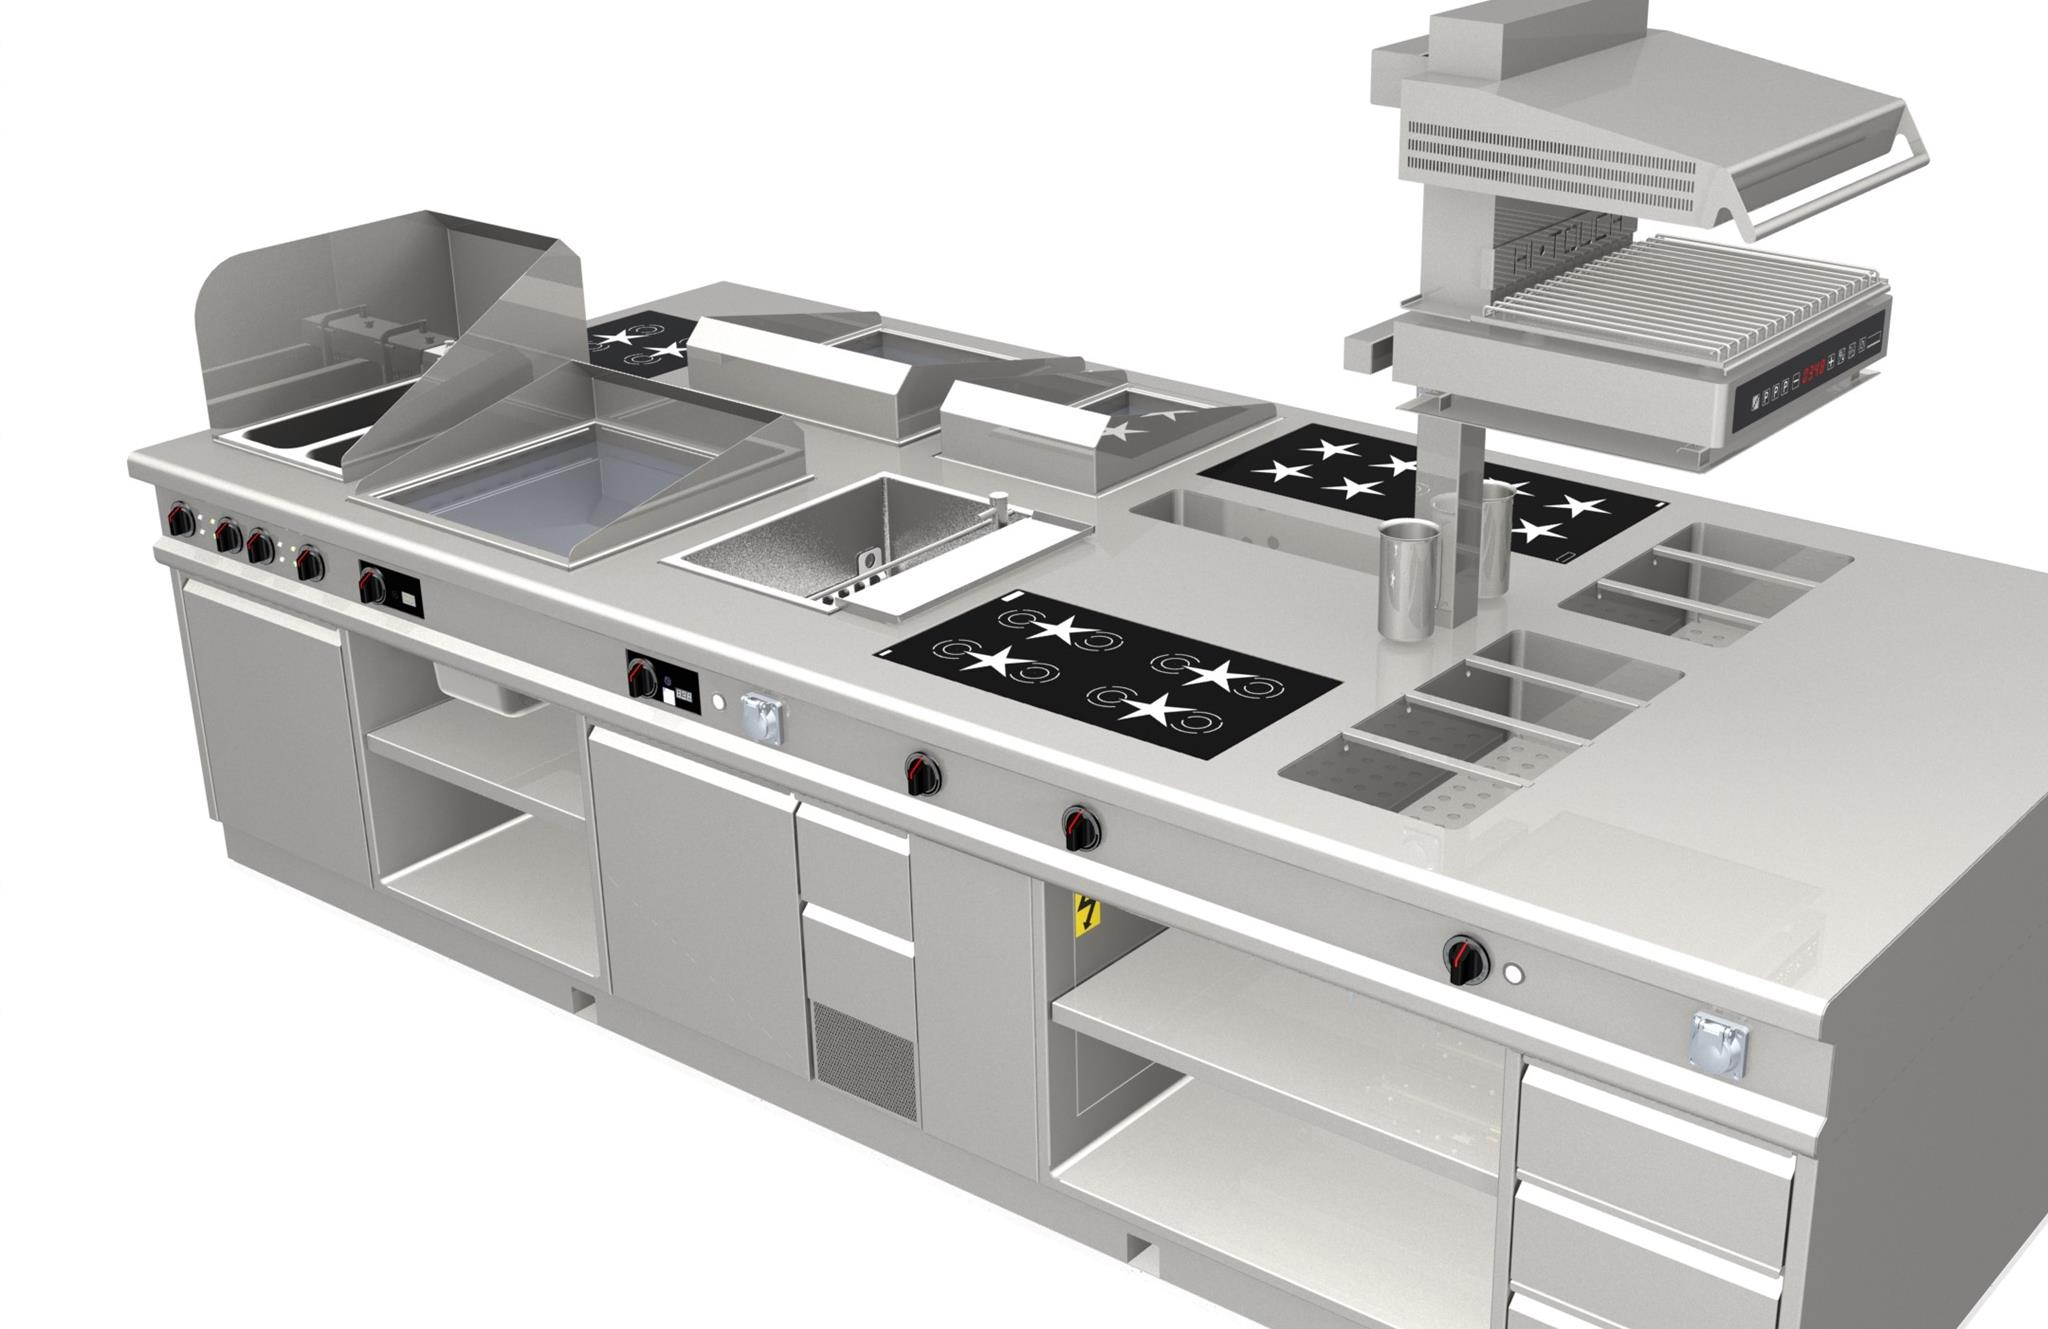 Full Size of Miele Komplettküche Komplettküche Angebot Komplettküche Mit Geräten Günstig Kleine Komplettküche Küche Komplettküche